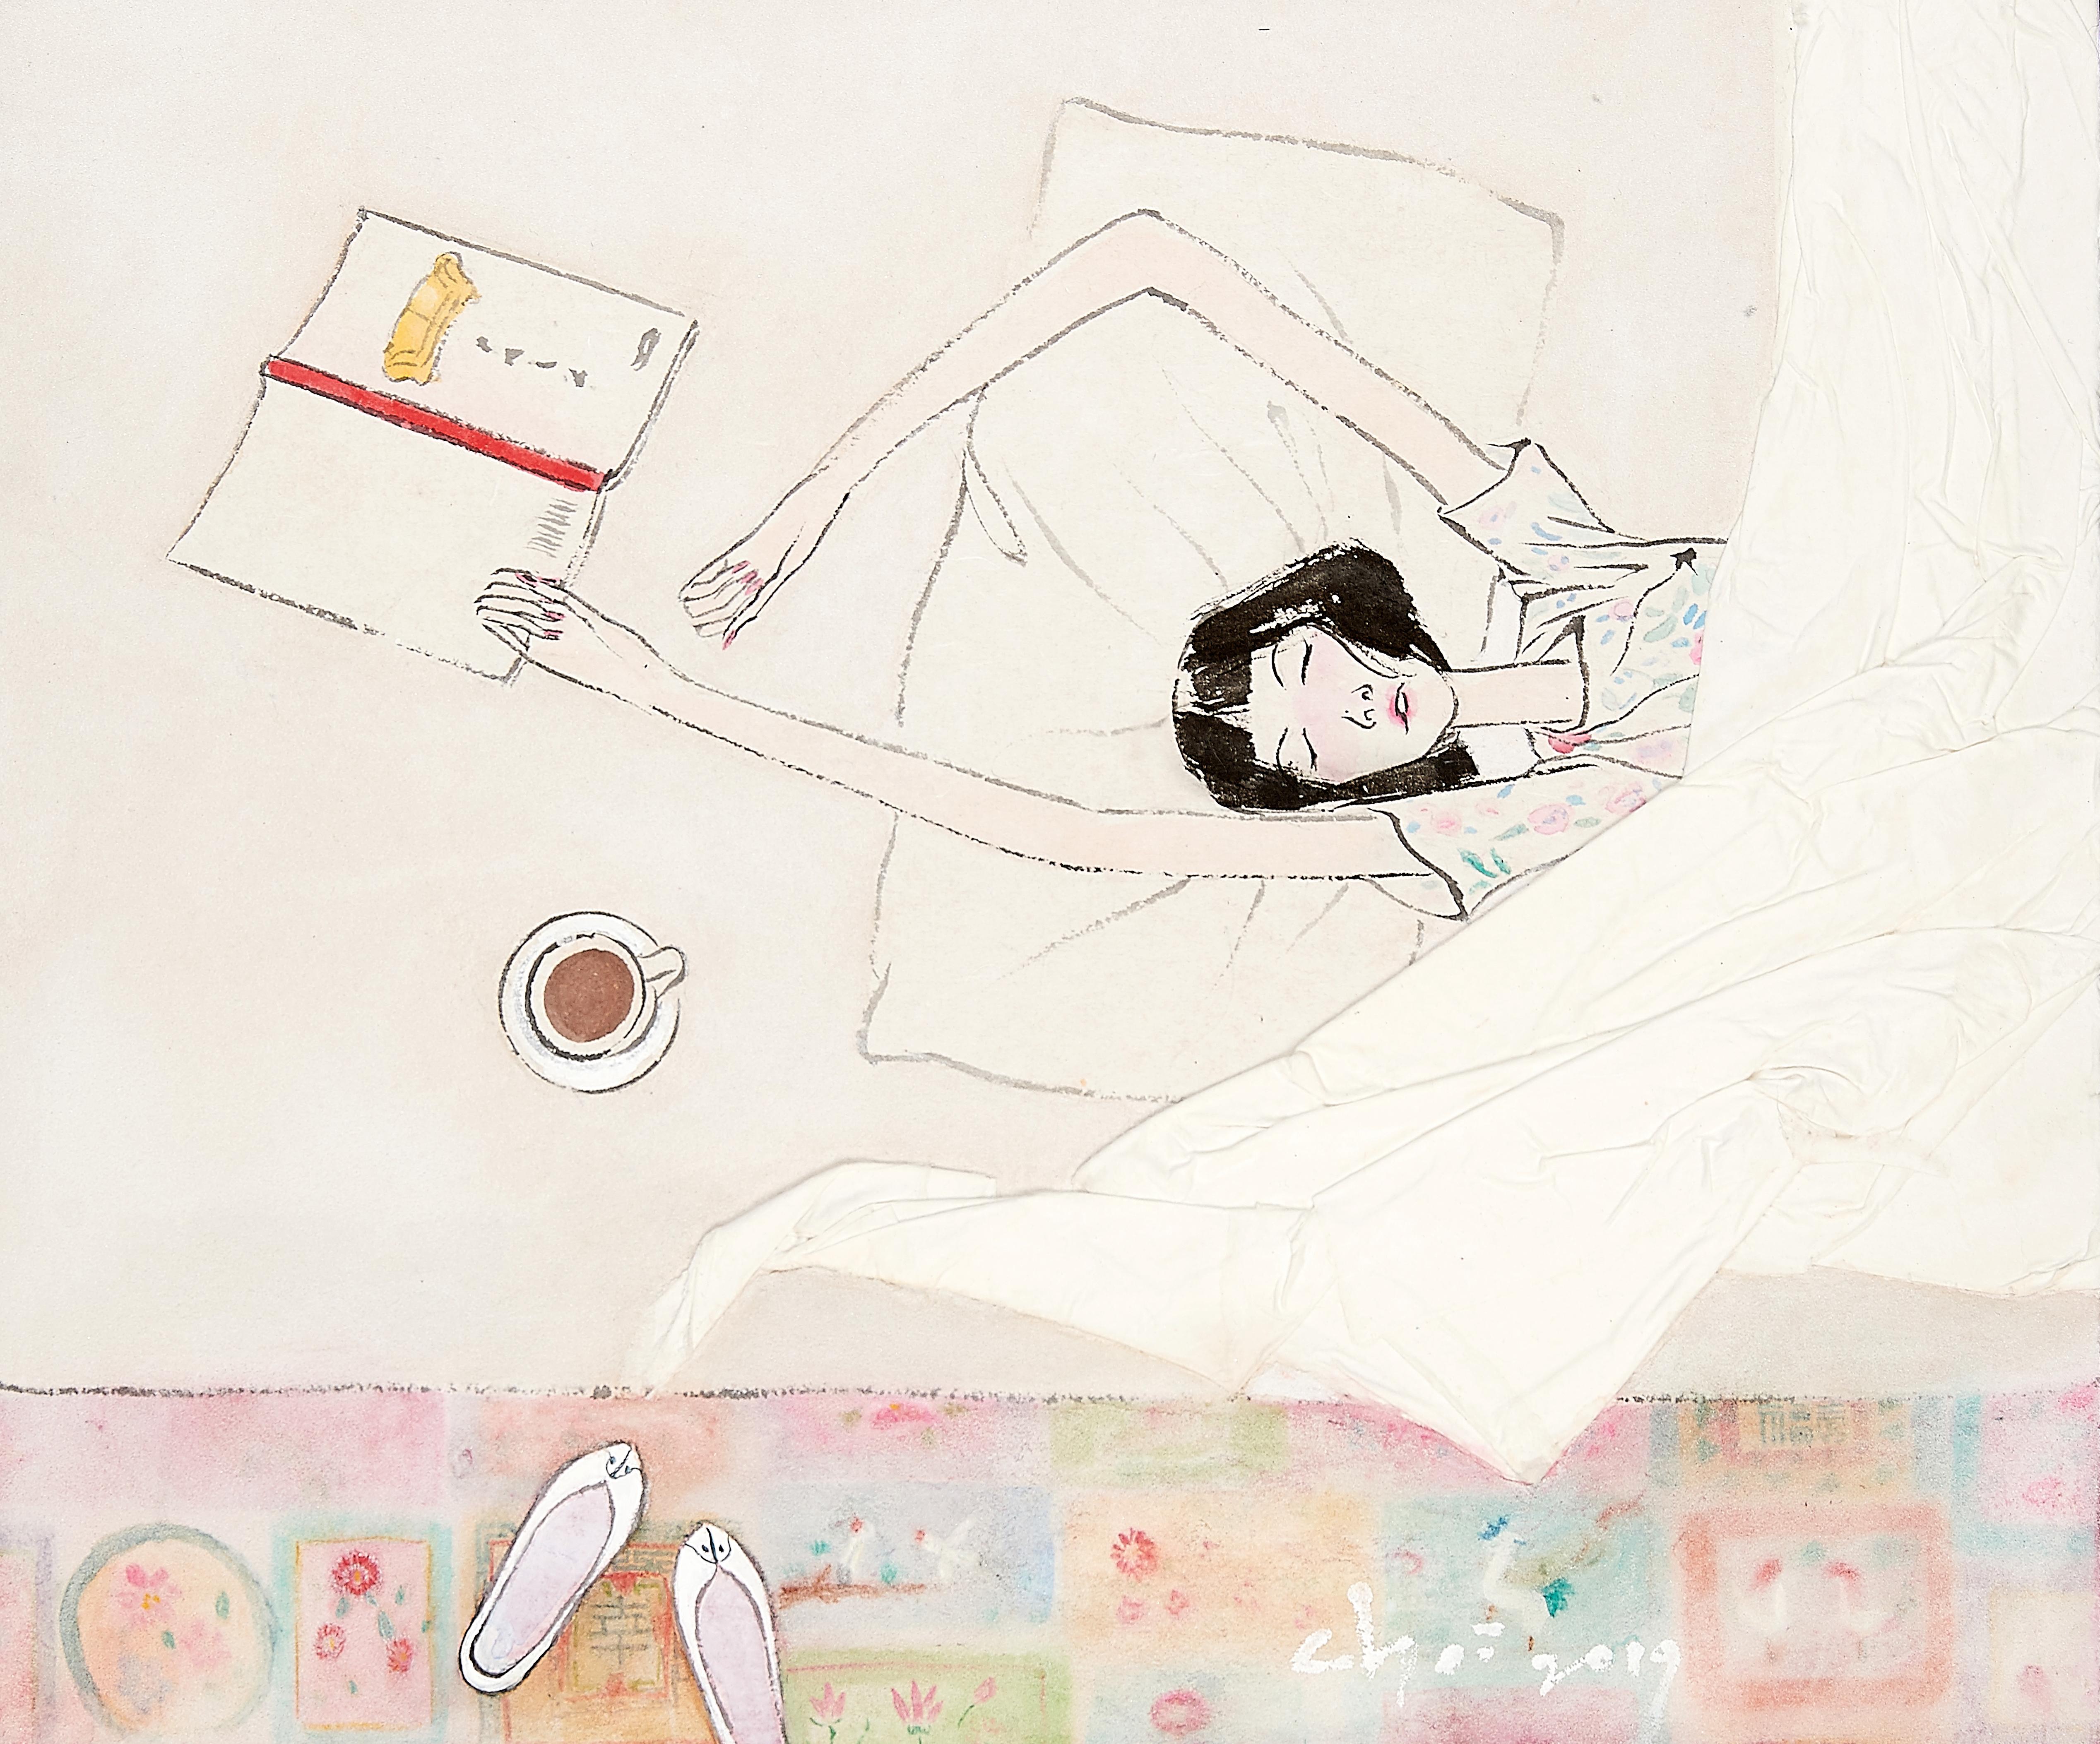 최경자1, Dream 19-08, 45.5 x 38